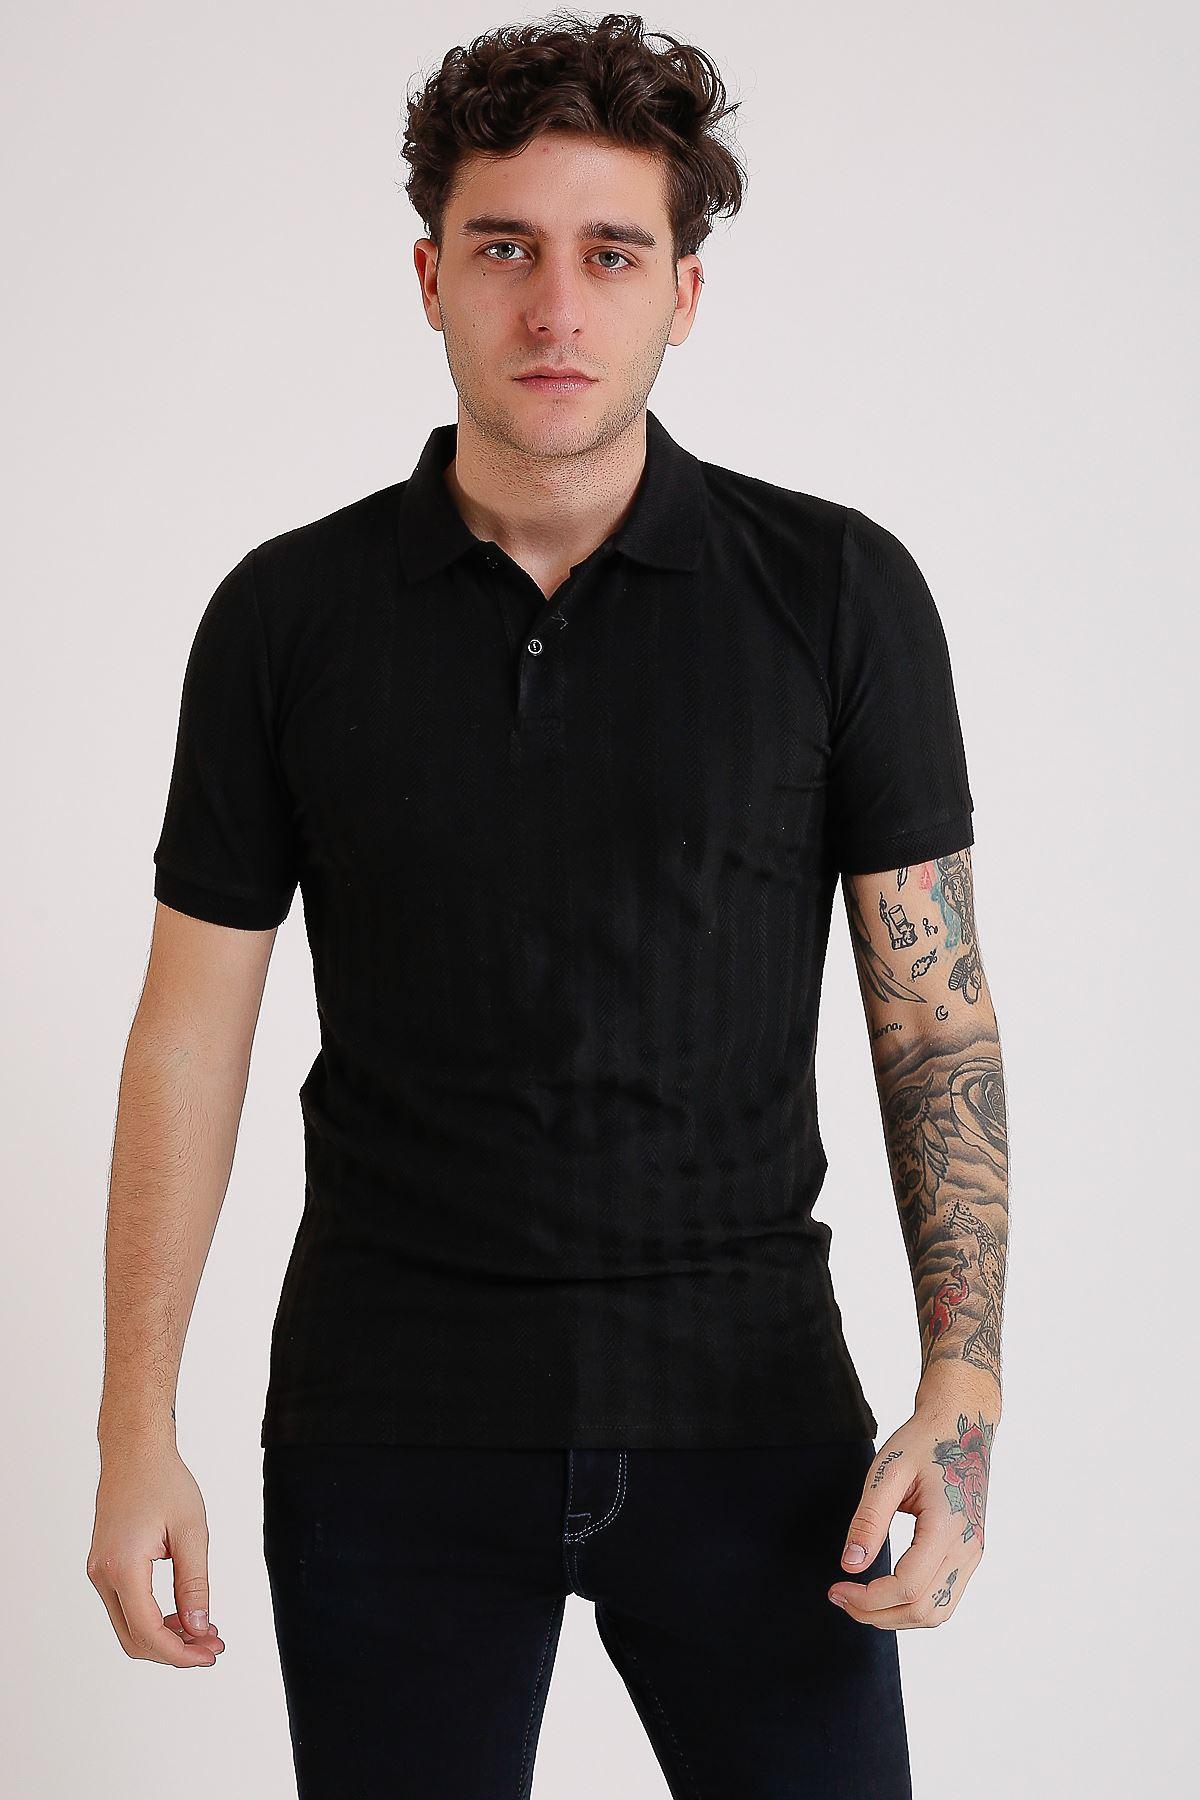 Erkek Polo yaka Örme Siyah T-Shirt